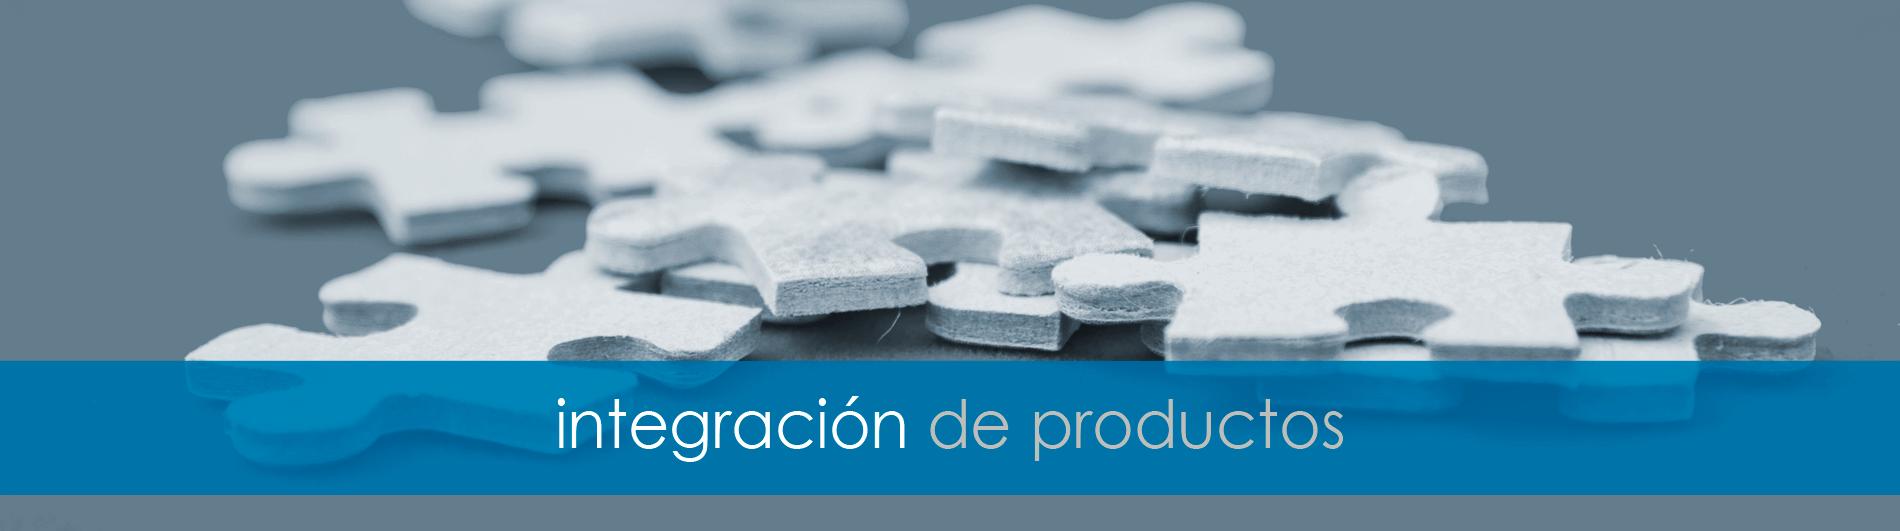 Integración de productos en una solución tecnológica 360